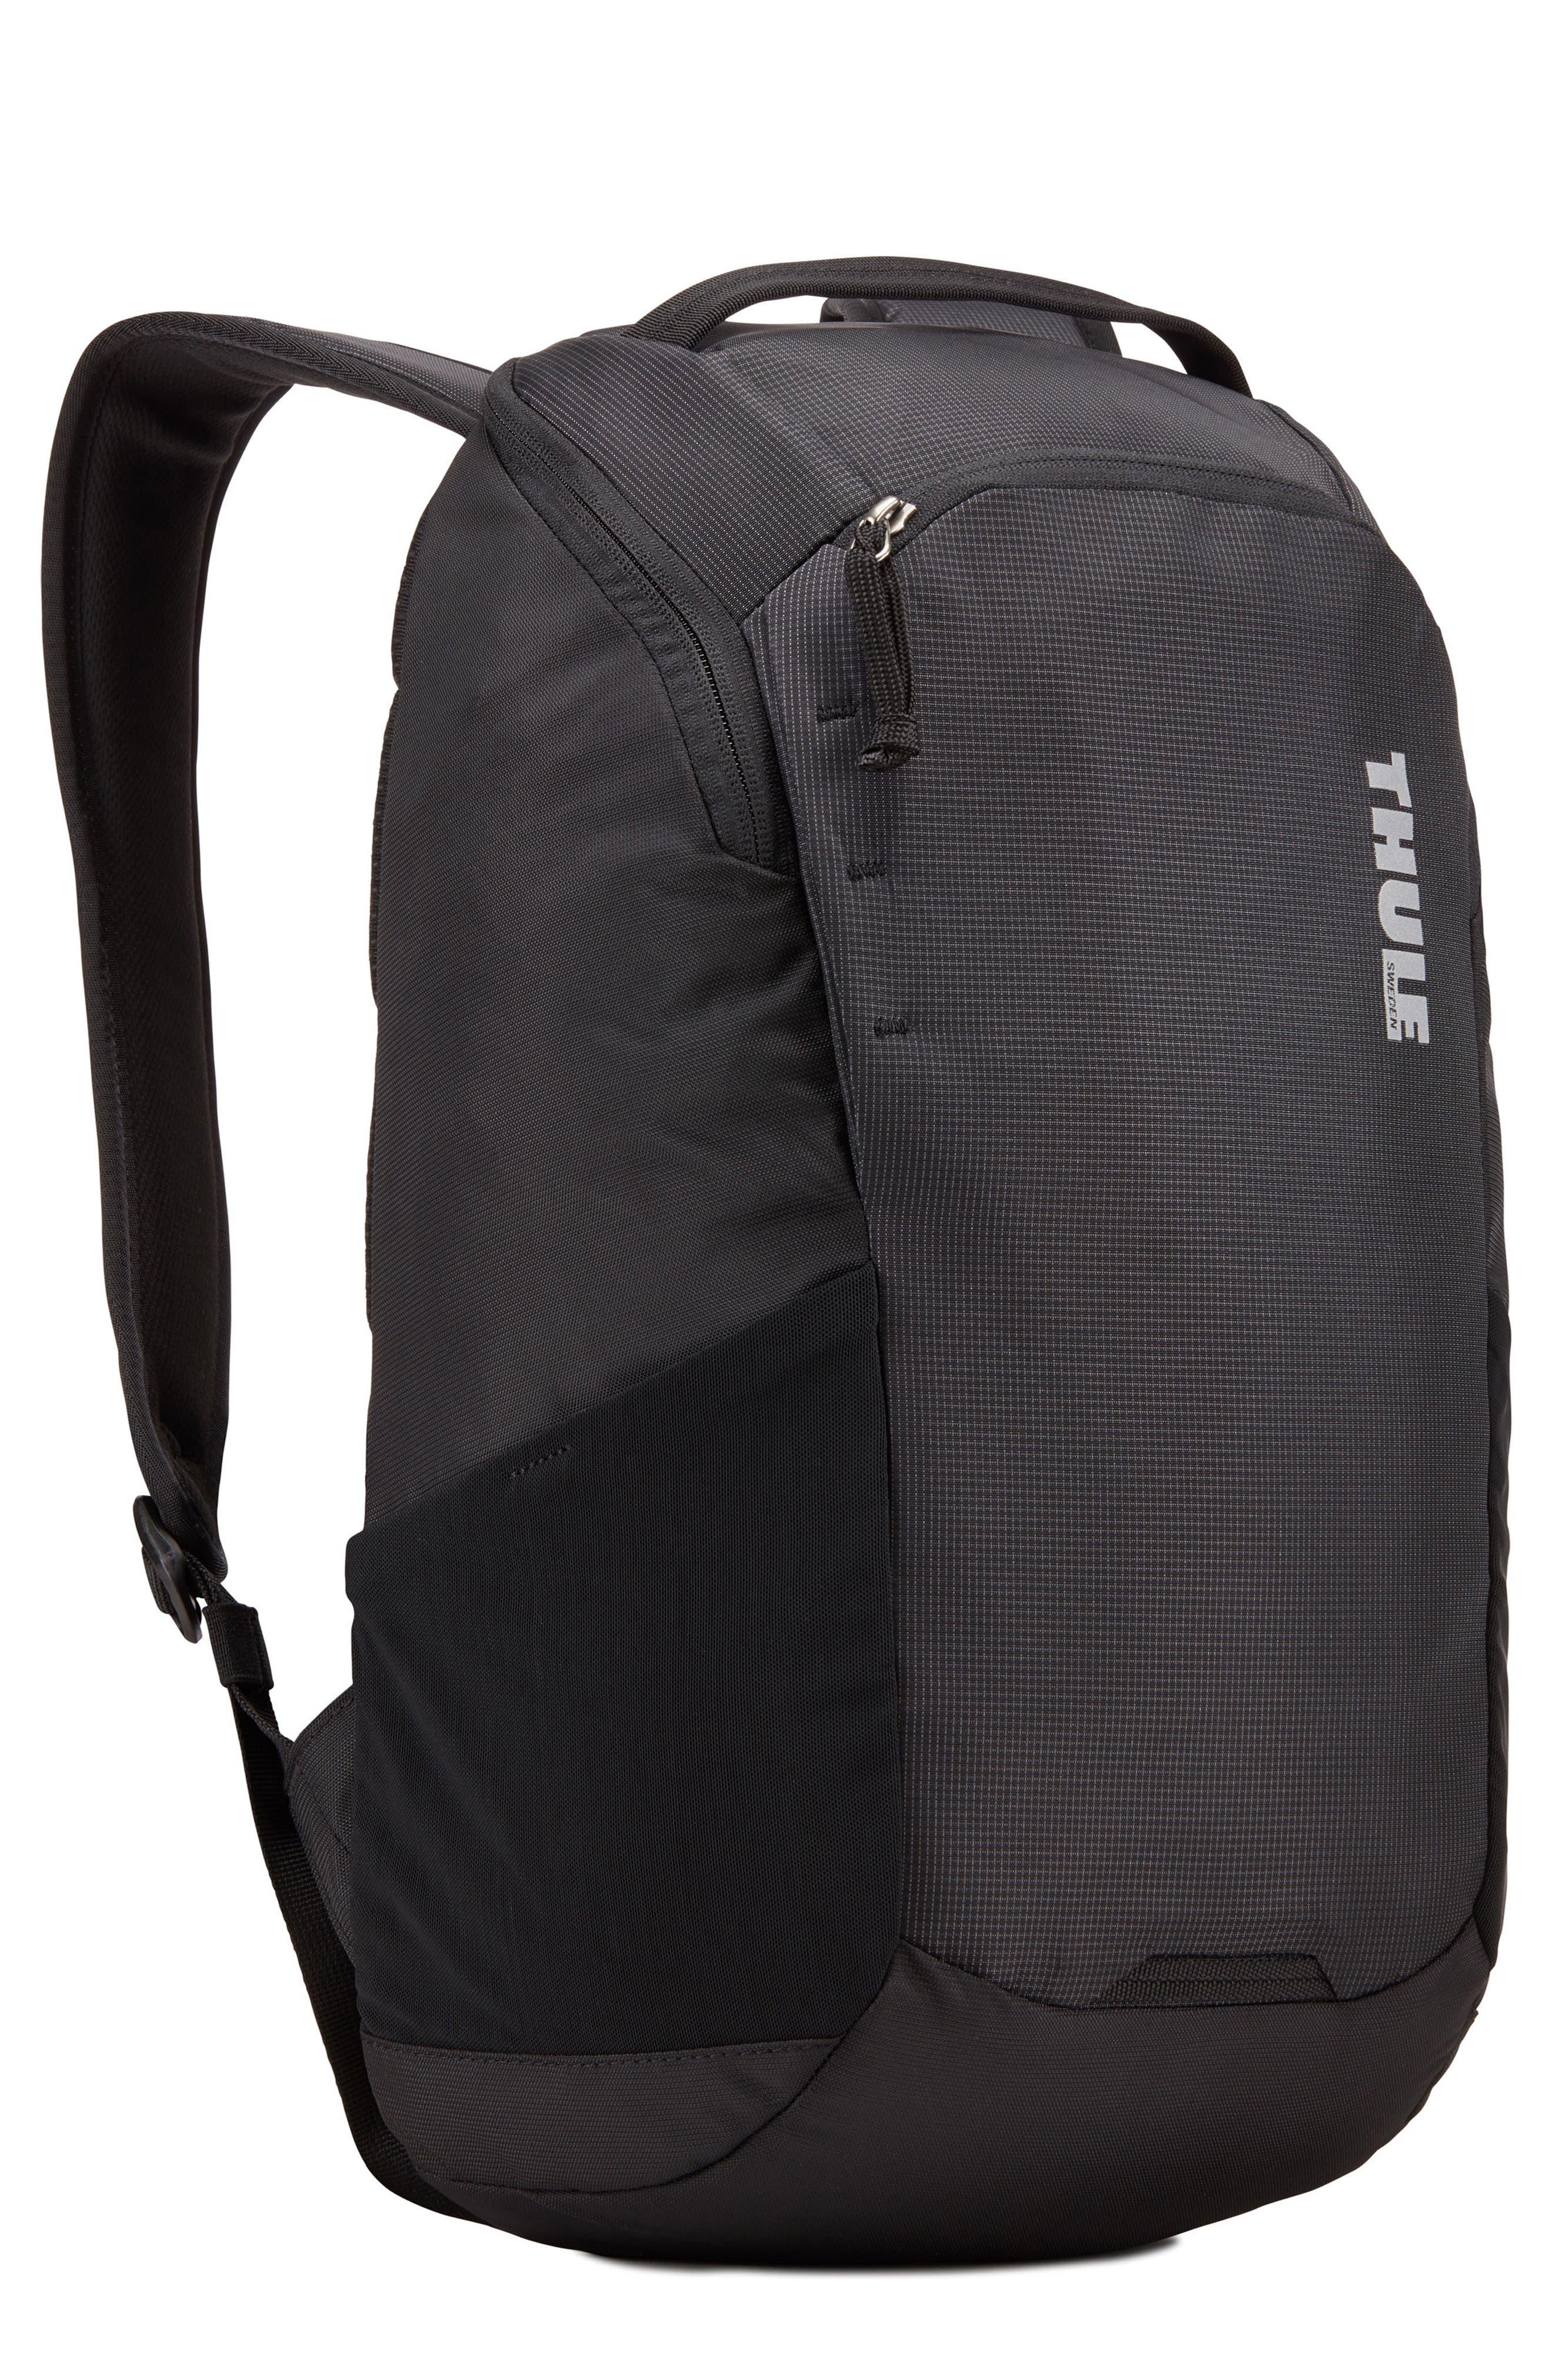 EnRoute Backpack,                             Main thumbnail 1, color,                             BLACK